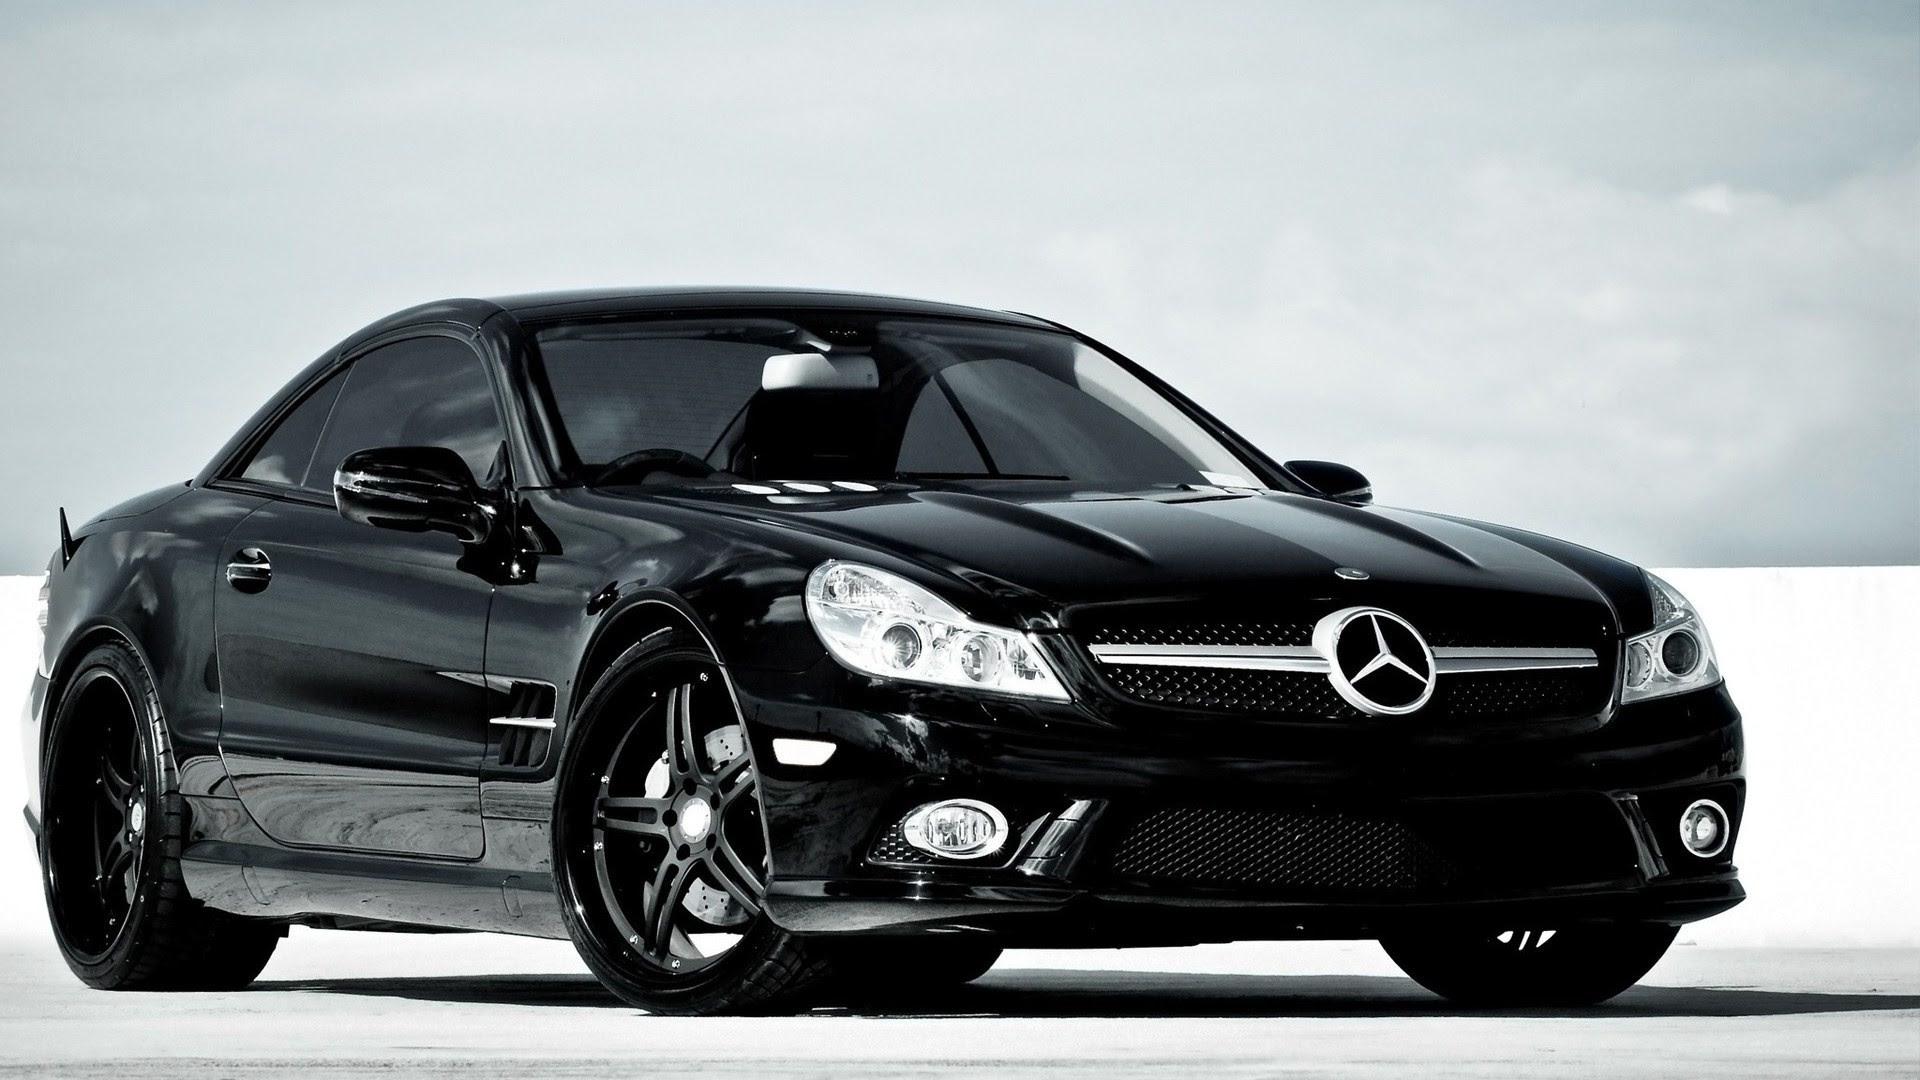 Car Mercedes-Benz Black wallpaper | 1920x1080 | #16410